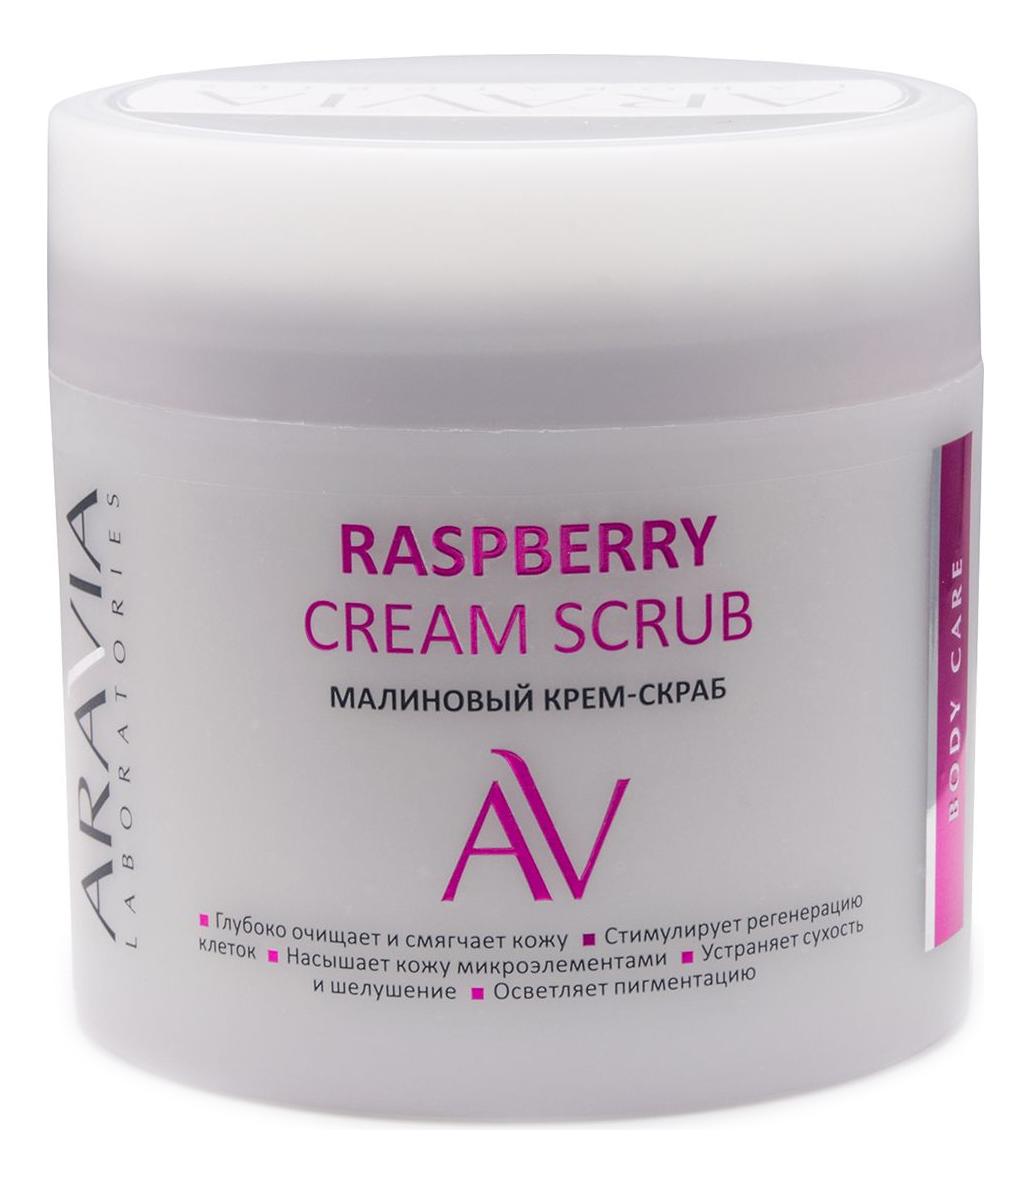 Купить Малиновый крем-скраб для тела Raspberry Cream Scrub 300мл, Aravia